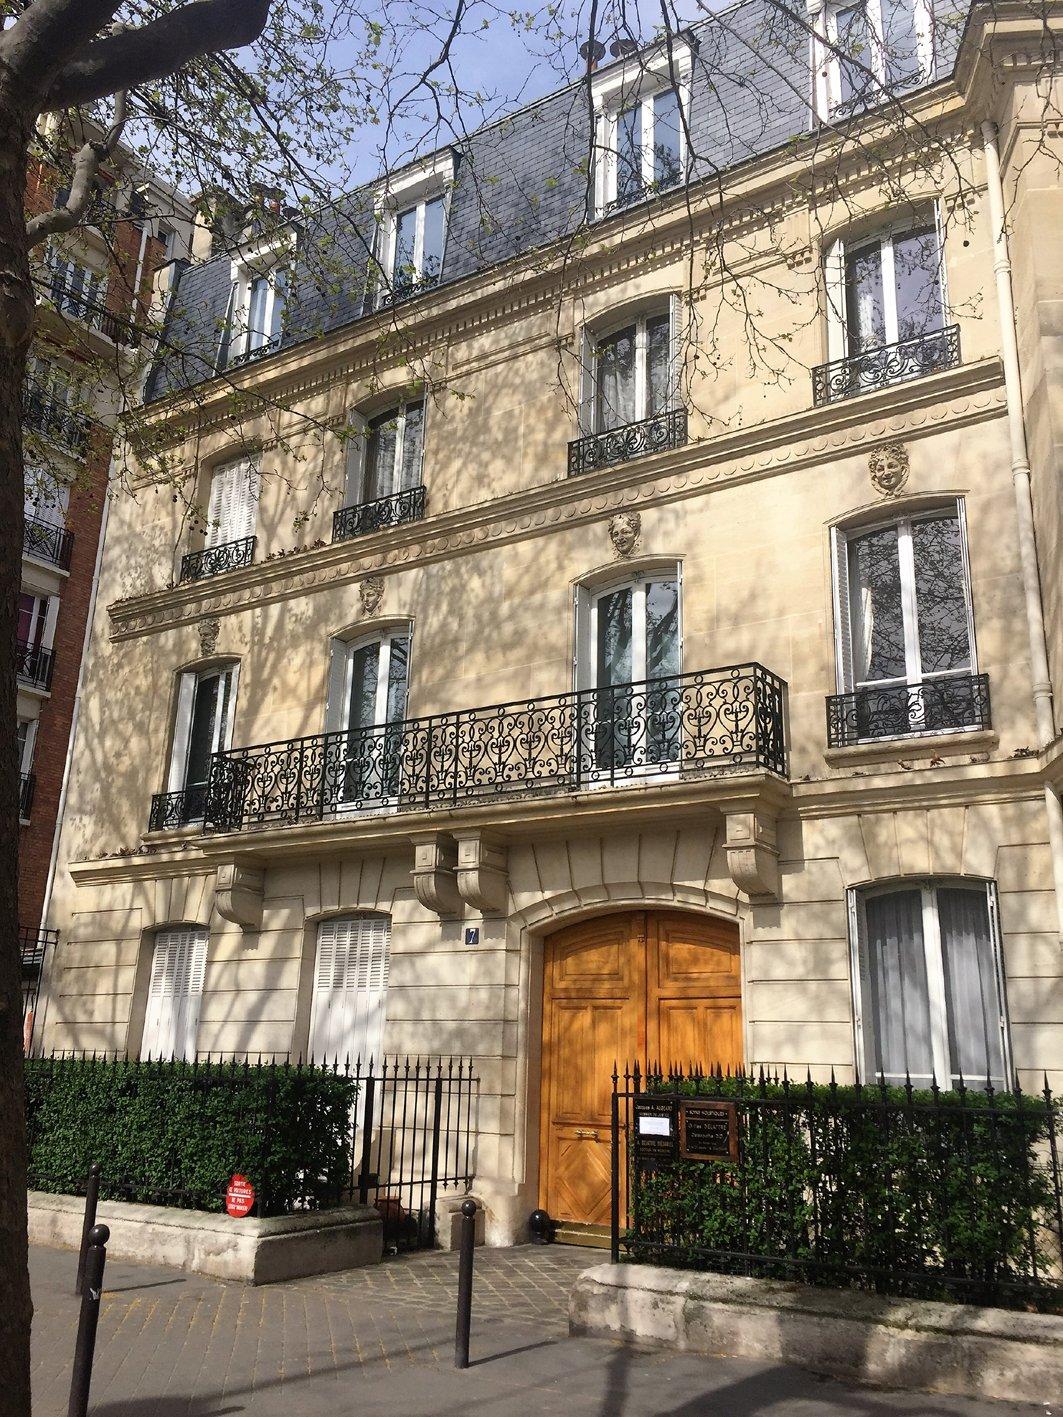 Paris - XII ème - PLACE FÉLIX ÉBOUÉ - M° DAUMESNIL - 3 PIÈCES - JARDIN - SOLEIL - VUE - CACHET MANIFESTE.